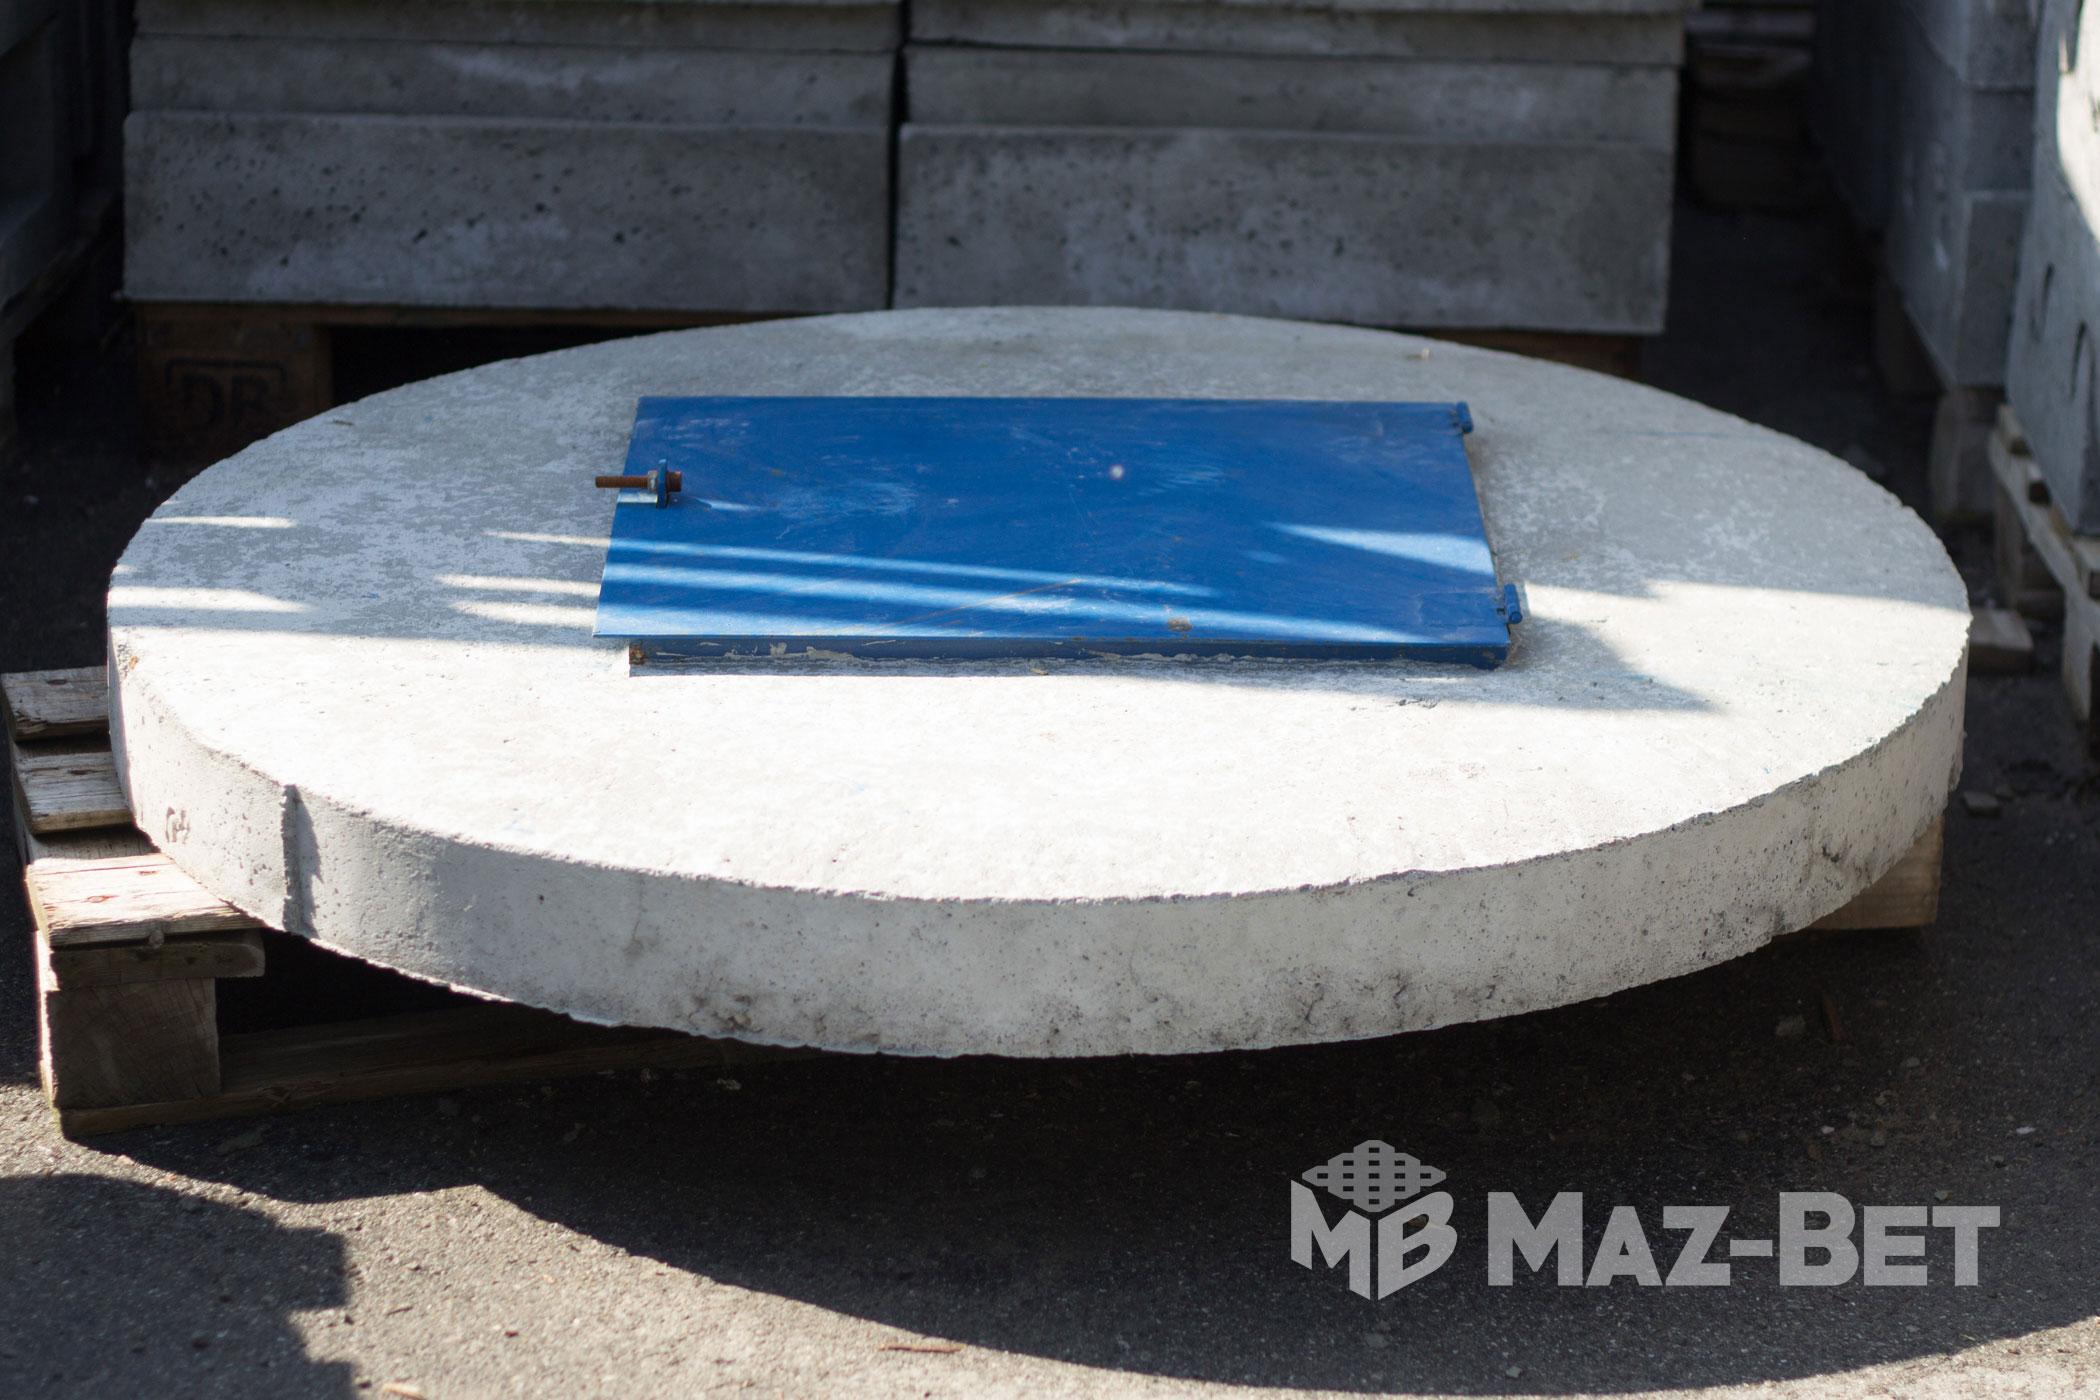 Fantastyczny Maz-Bet - Na betonie znamy się jak mało kto! TD27